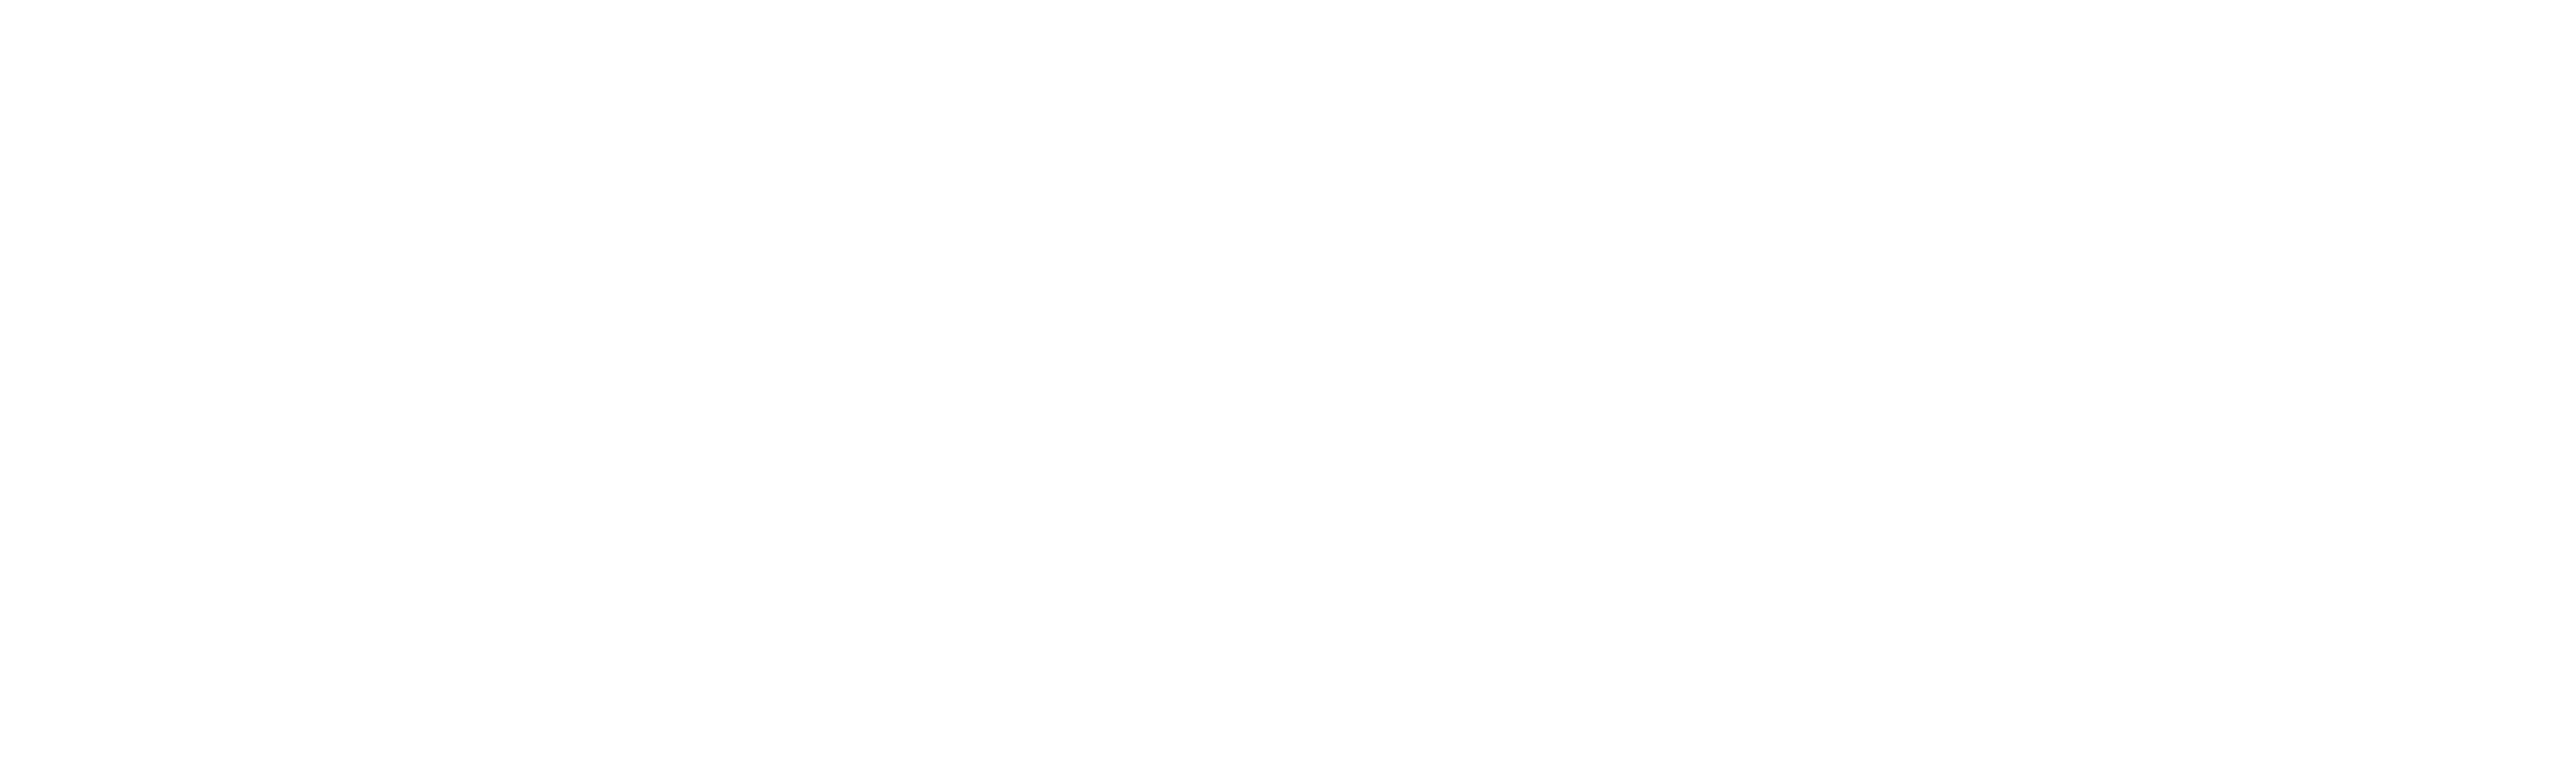 AWS 3 - White